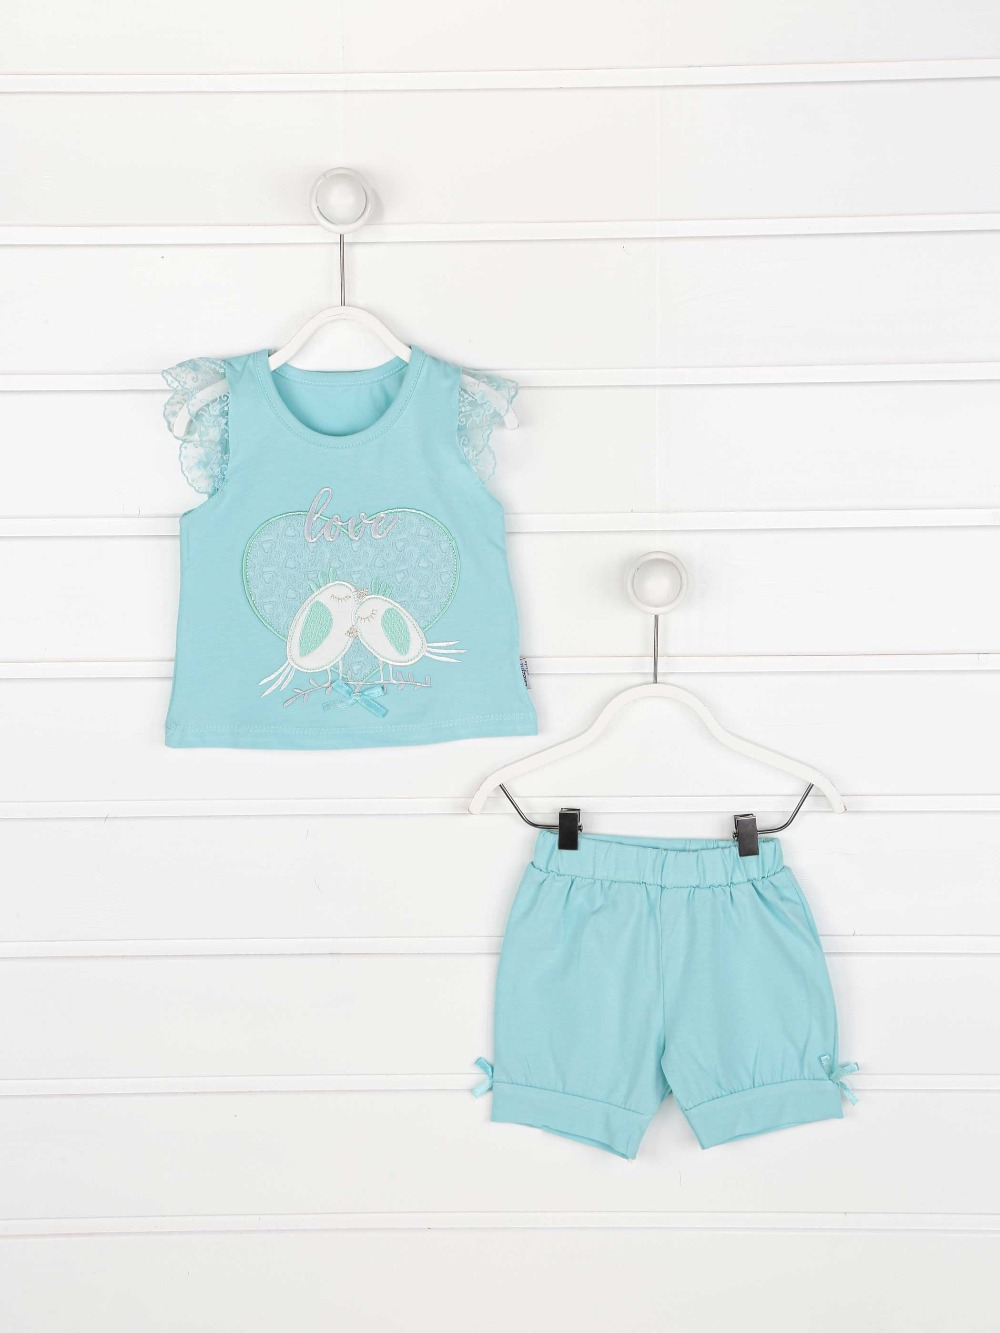 082-2220-017 Yeşil Kız Bebek Şortlu Takım (1)